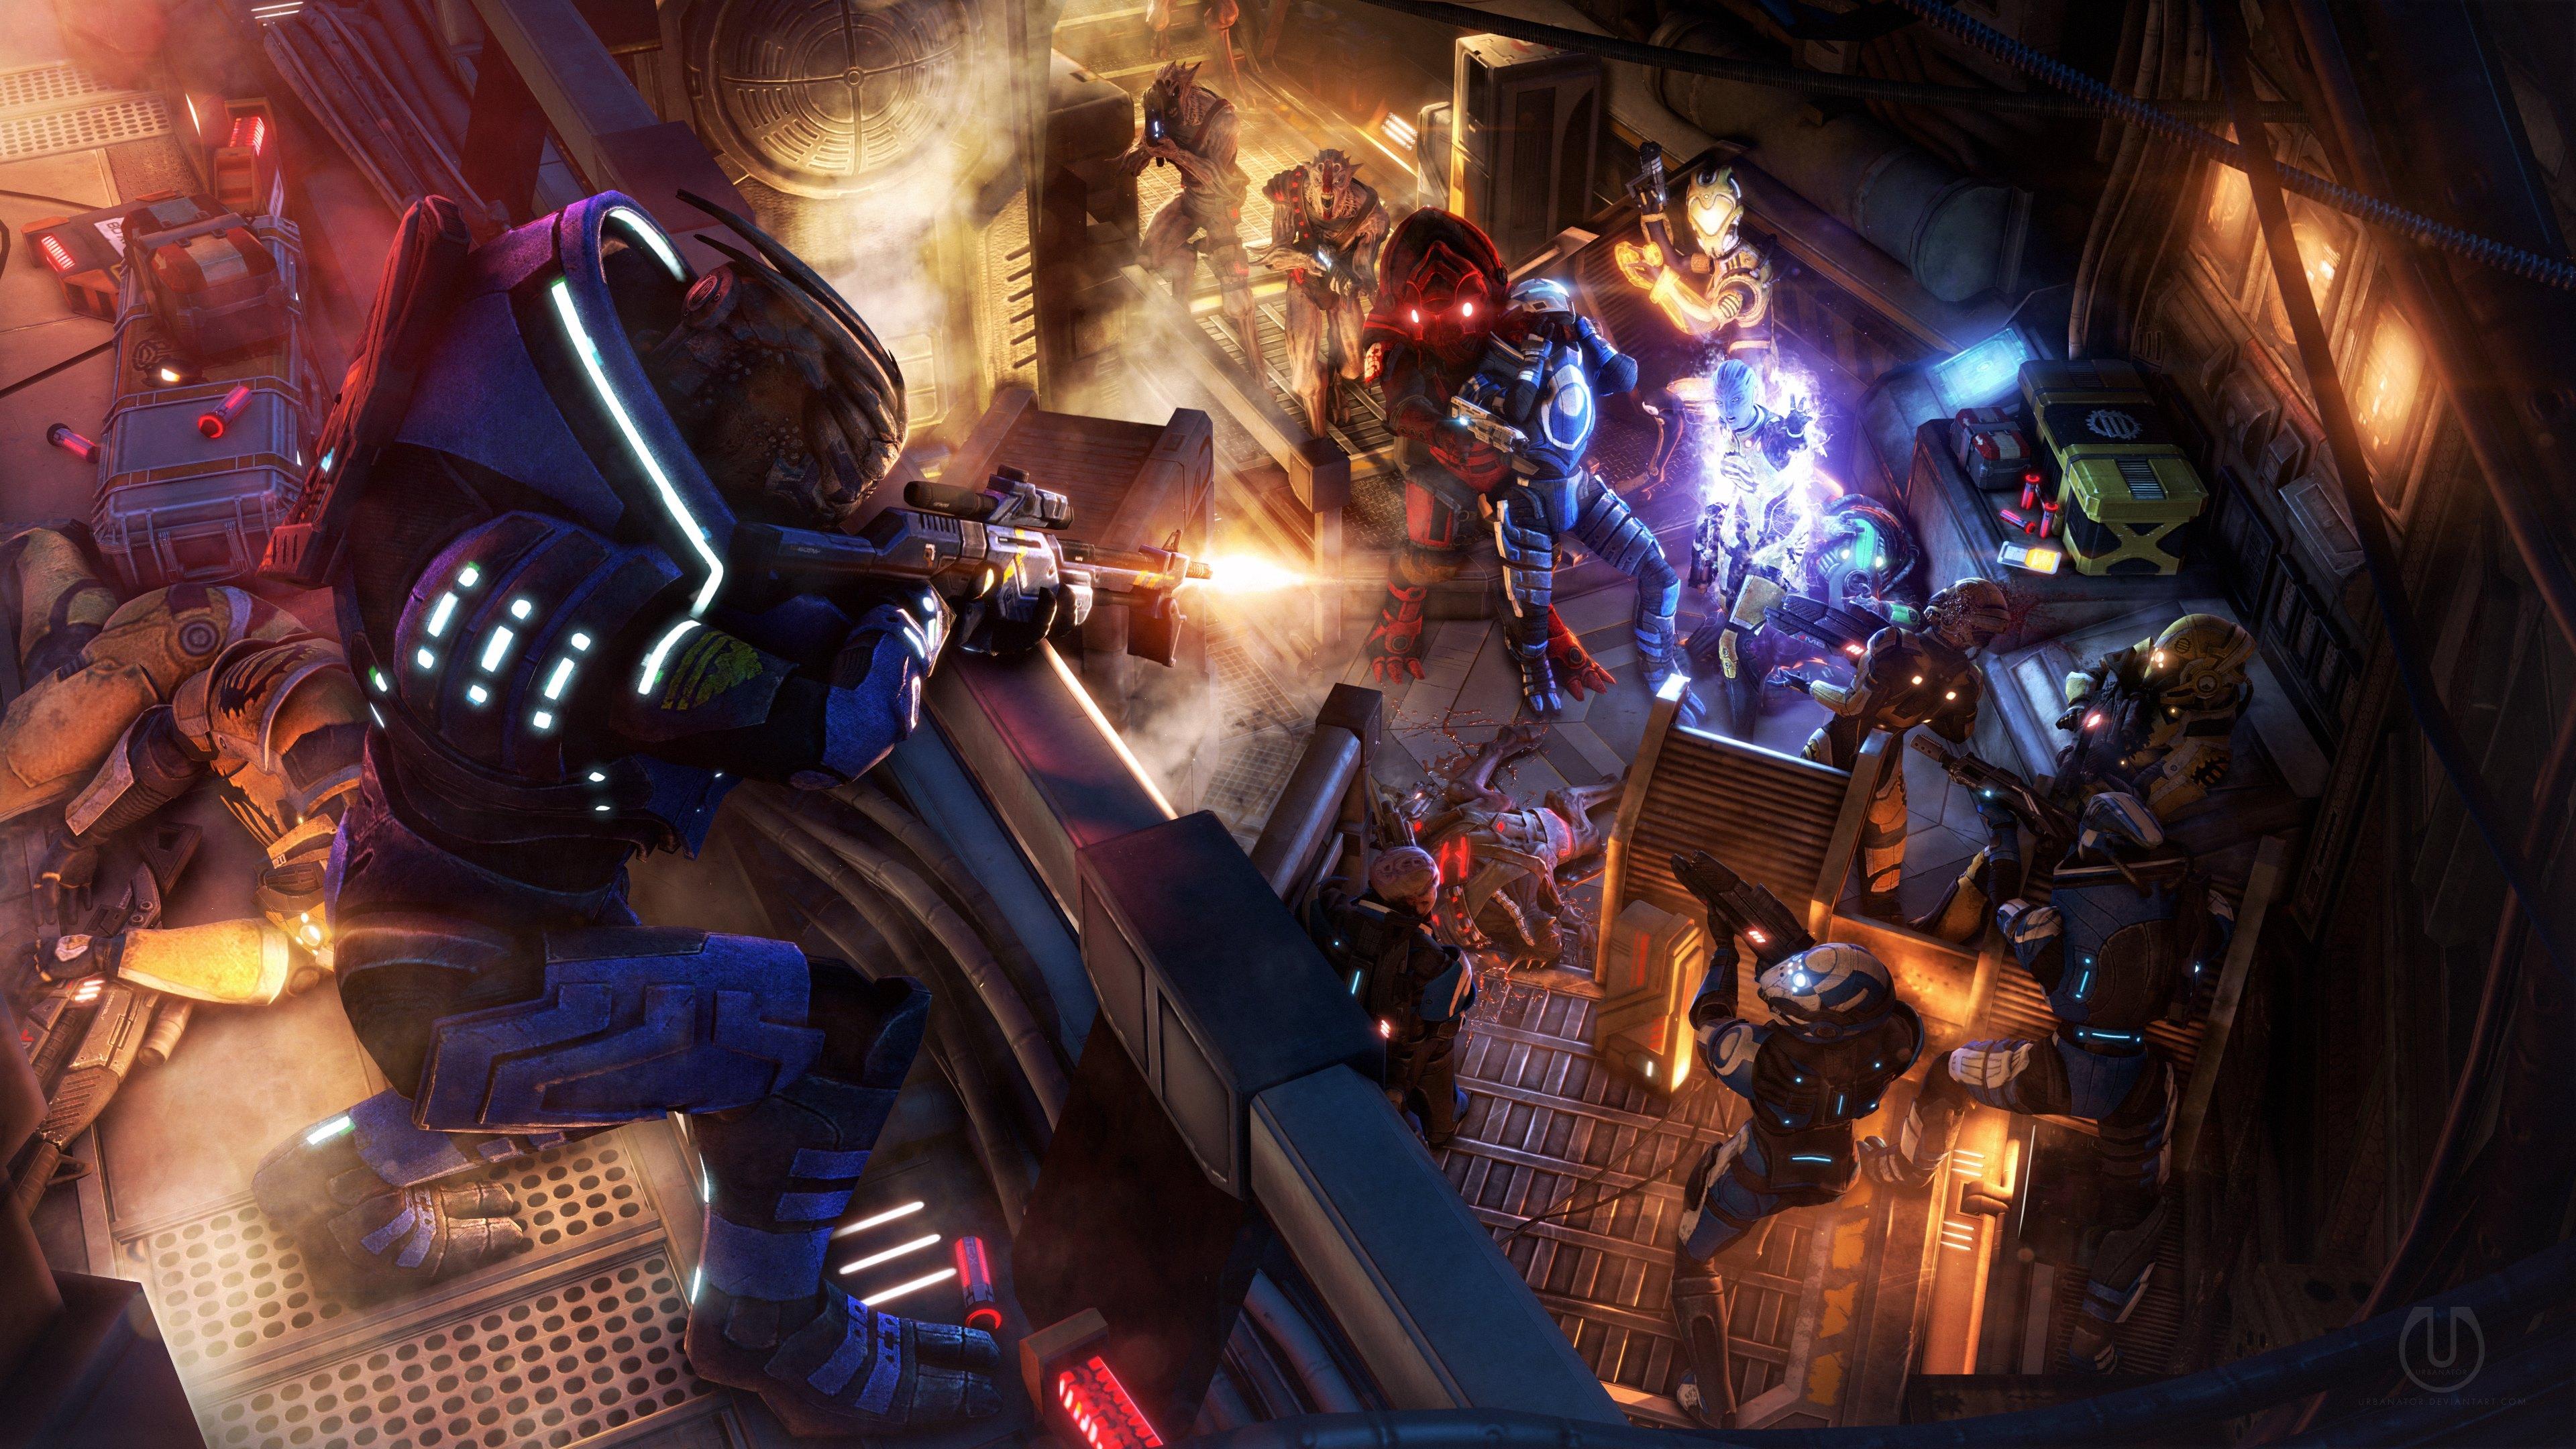 Gta Girl Gun Desktop Wallpaper Mass Effect 4k Ultra Hd Wallpaper Background Image